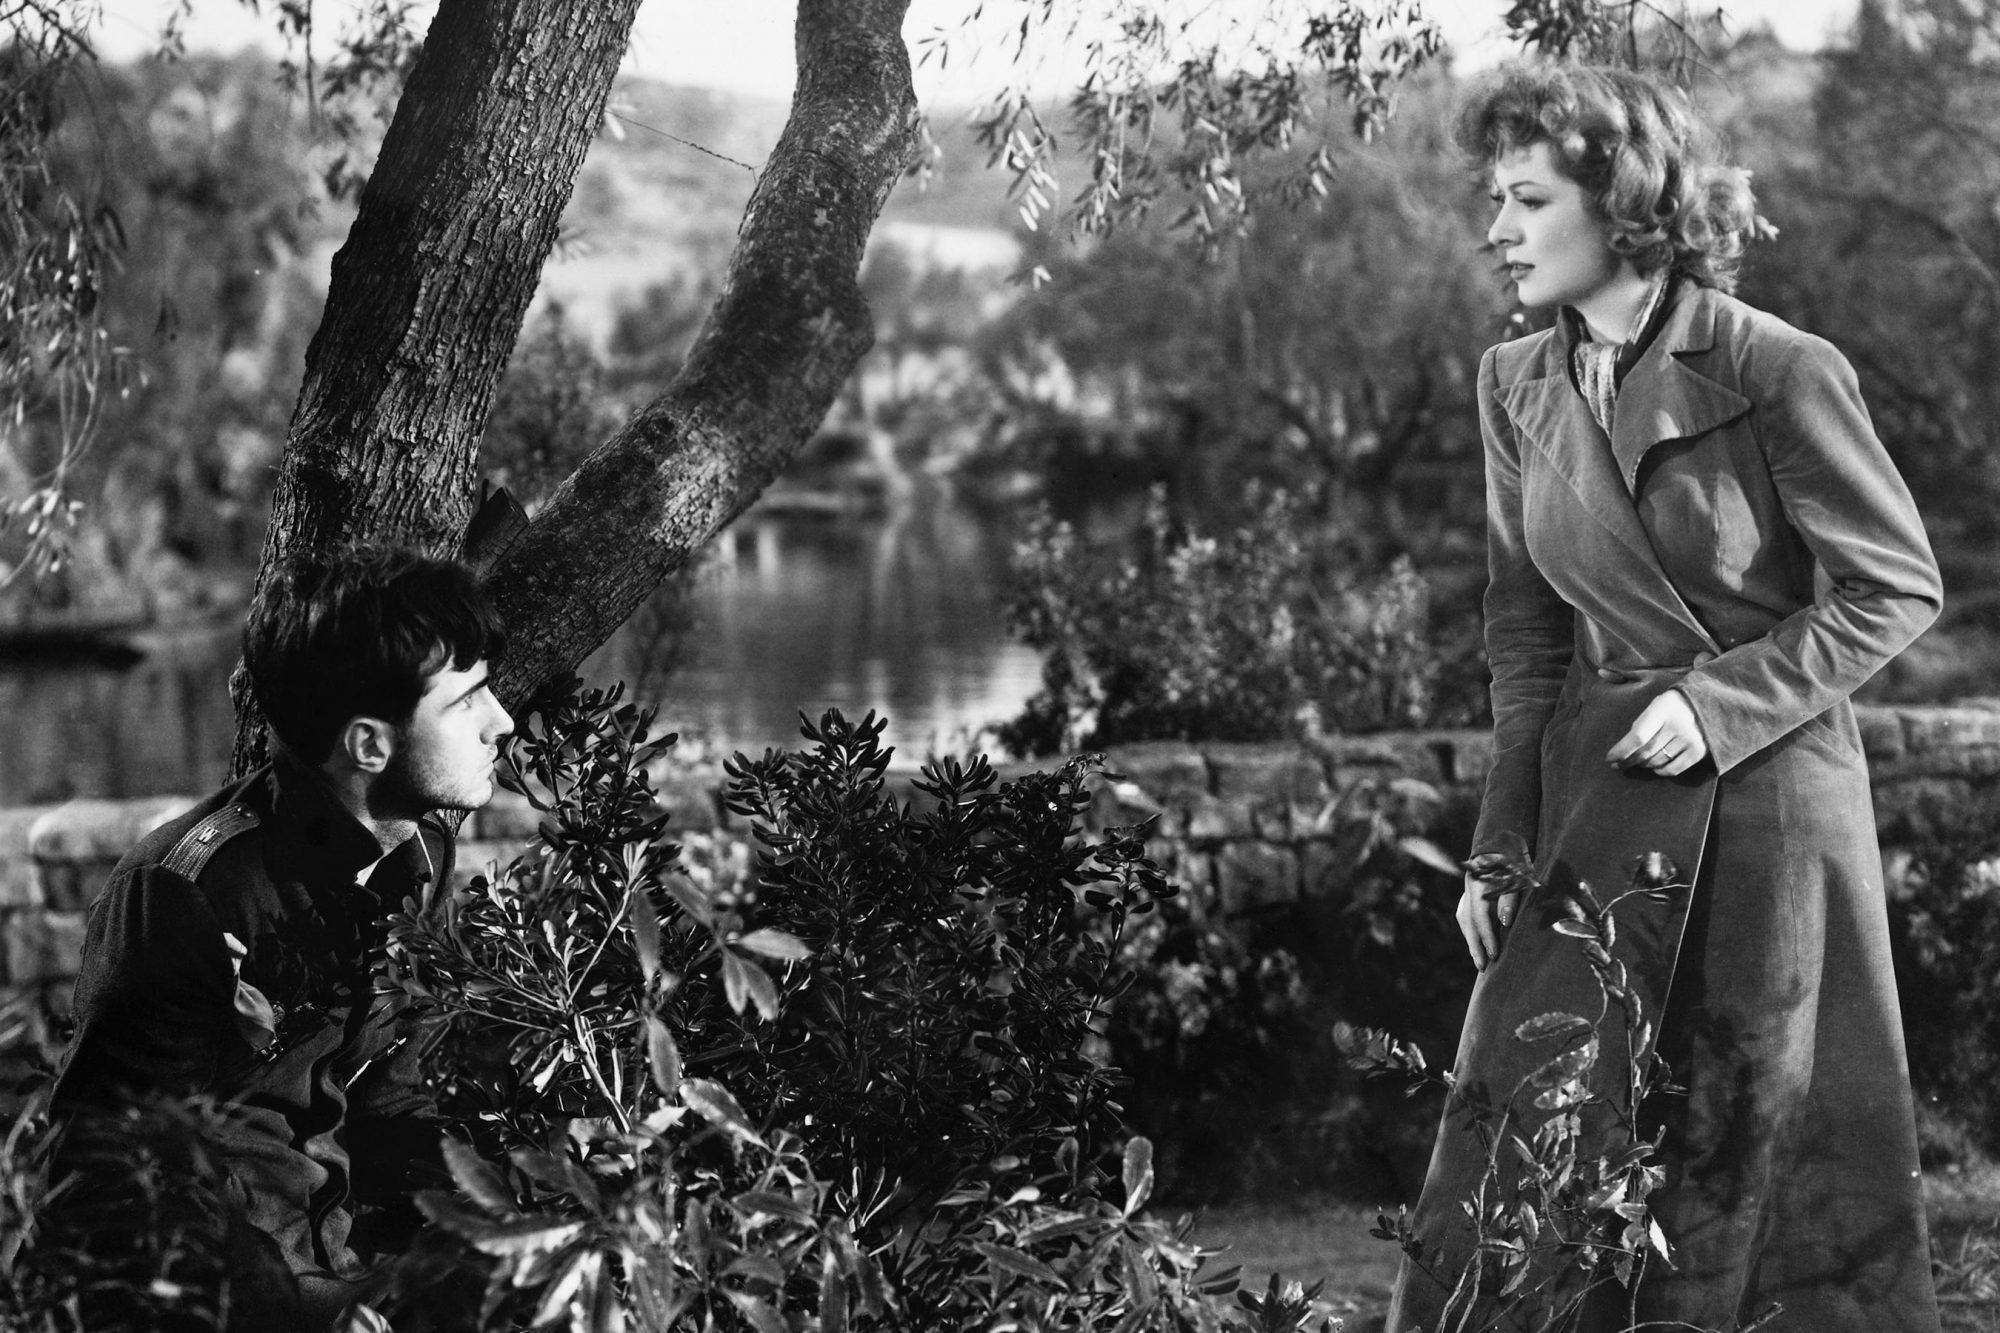 Greer Garson and Helmut Dantine in Mrs. Miniver